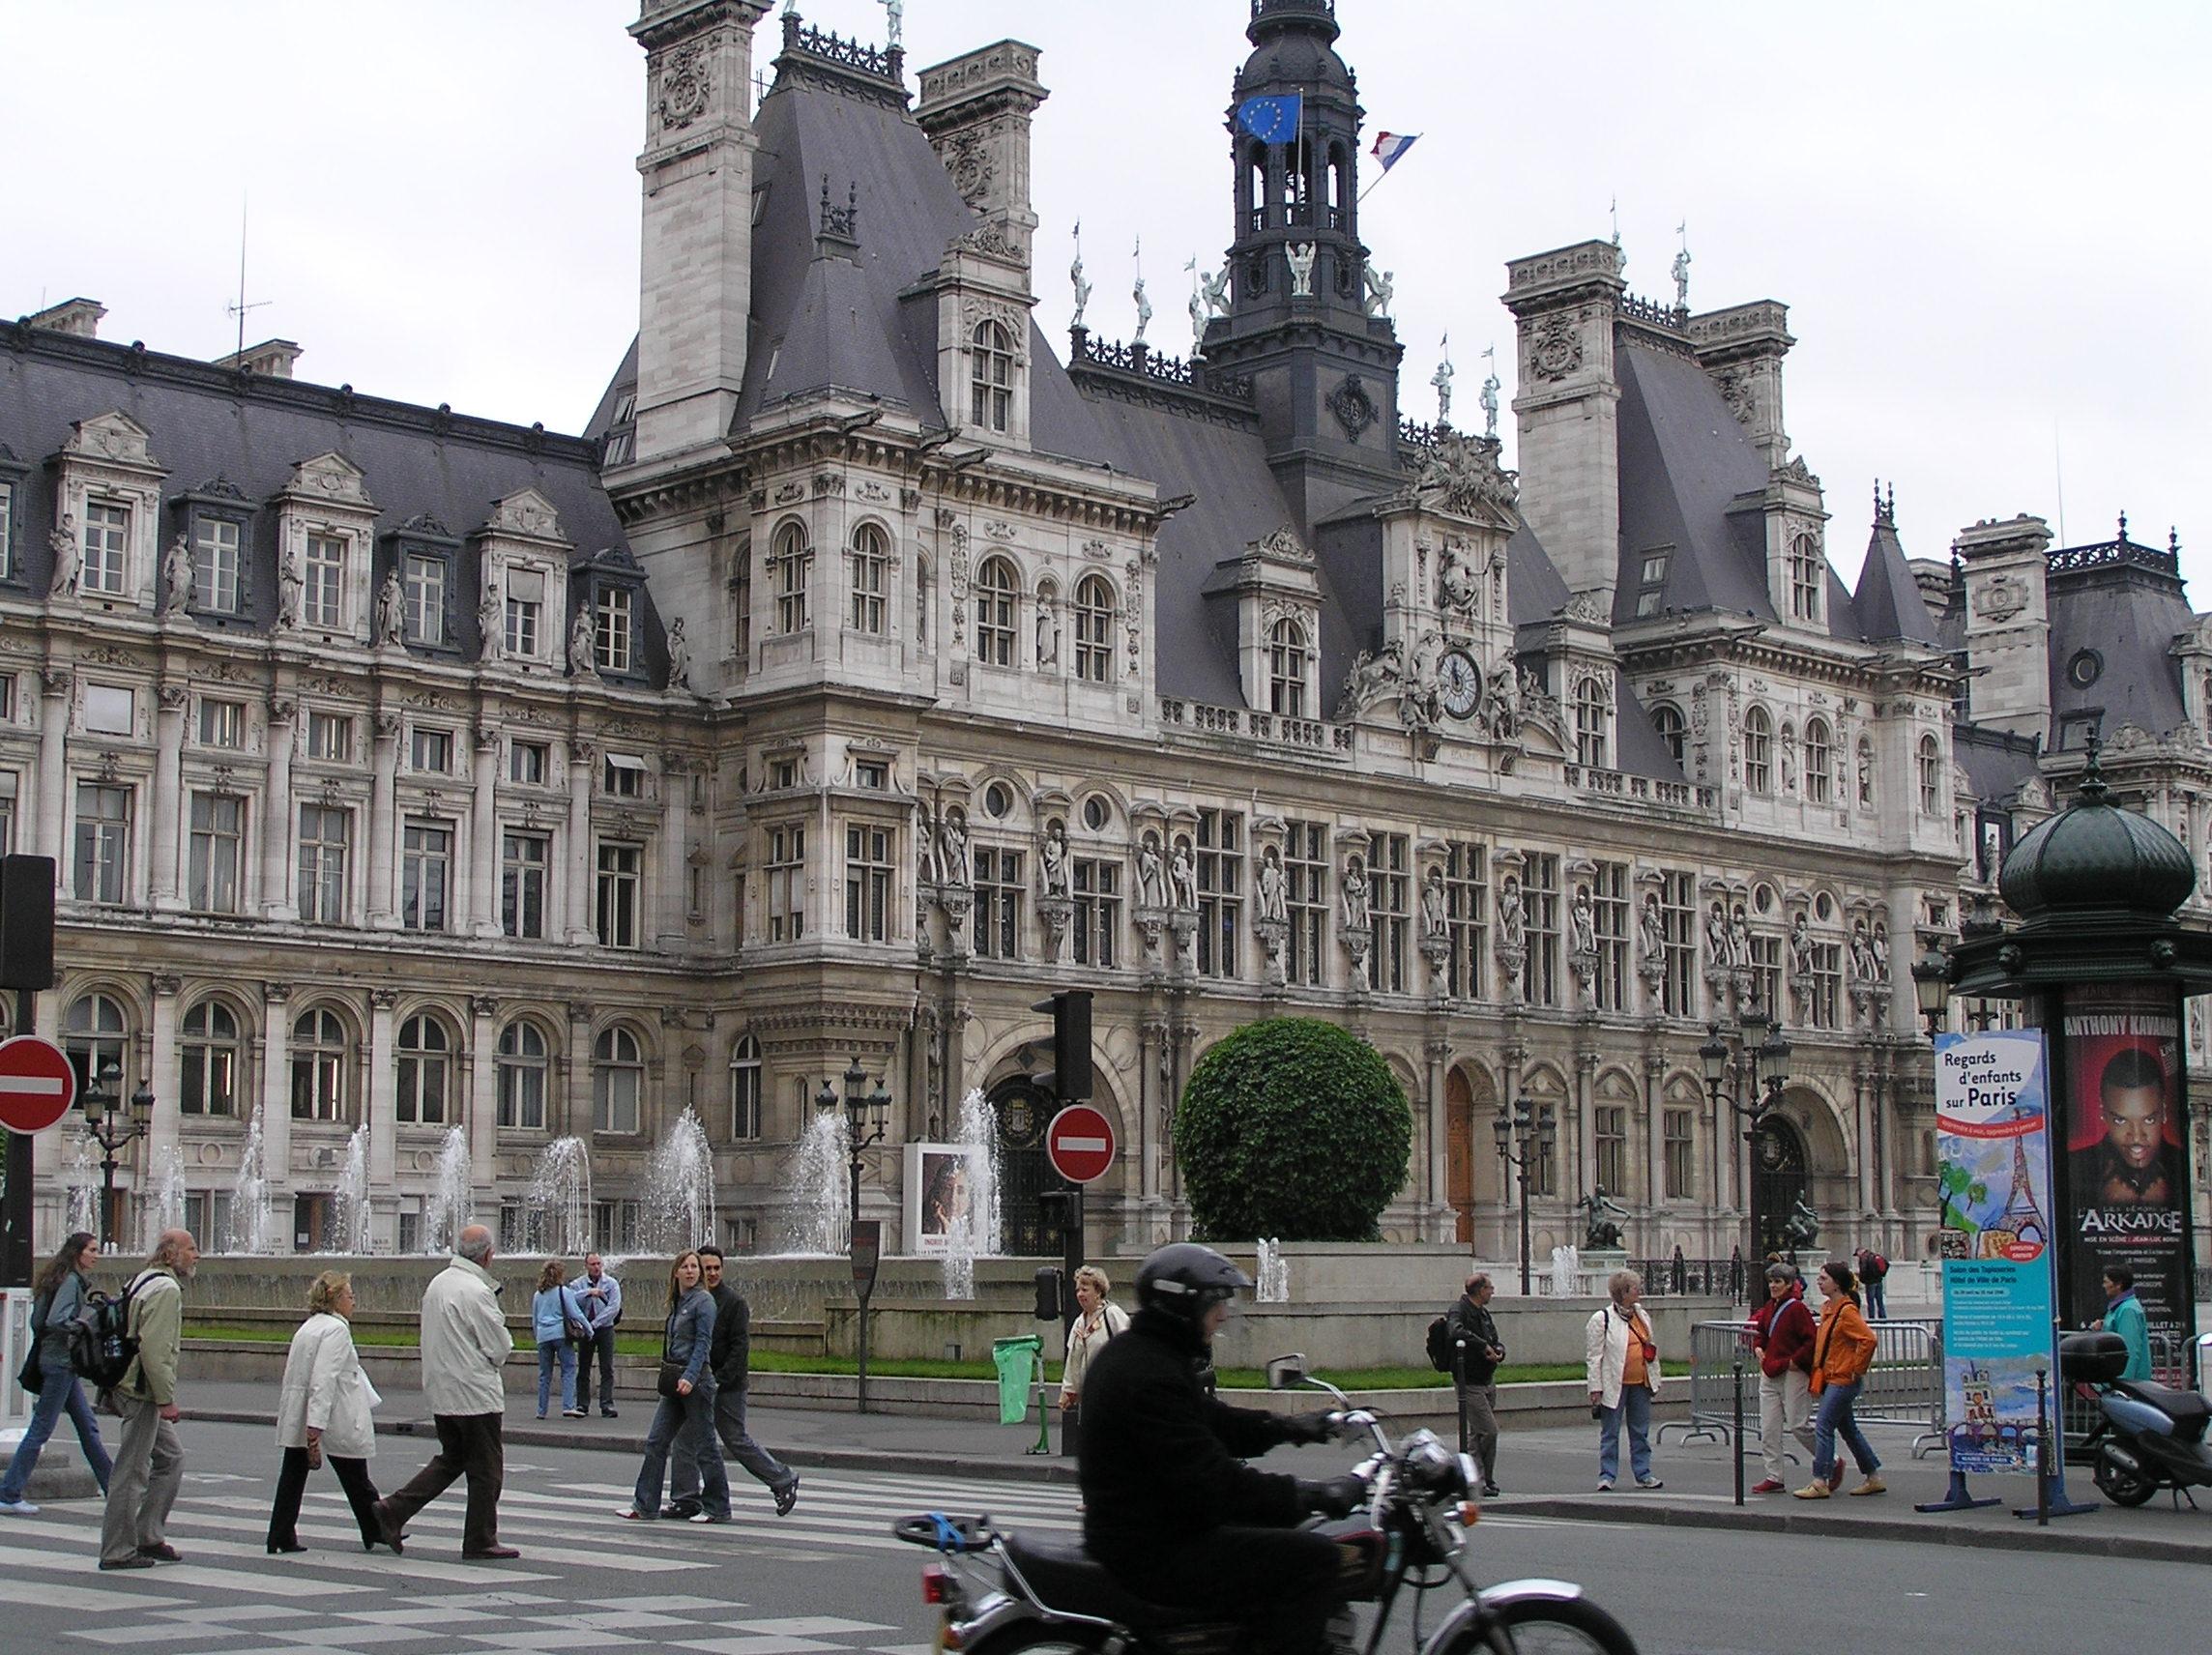 Francie - Paříž - Hotel de Ville, stará radnice ze 17.stol 1871 vyhořela, rekonstruována do původní podoby